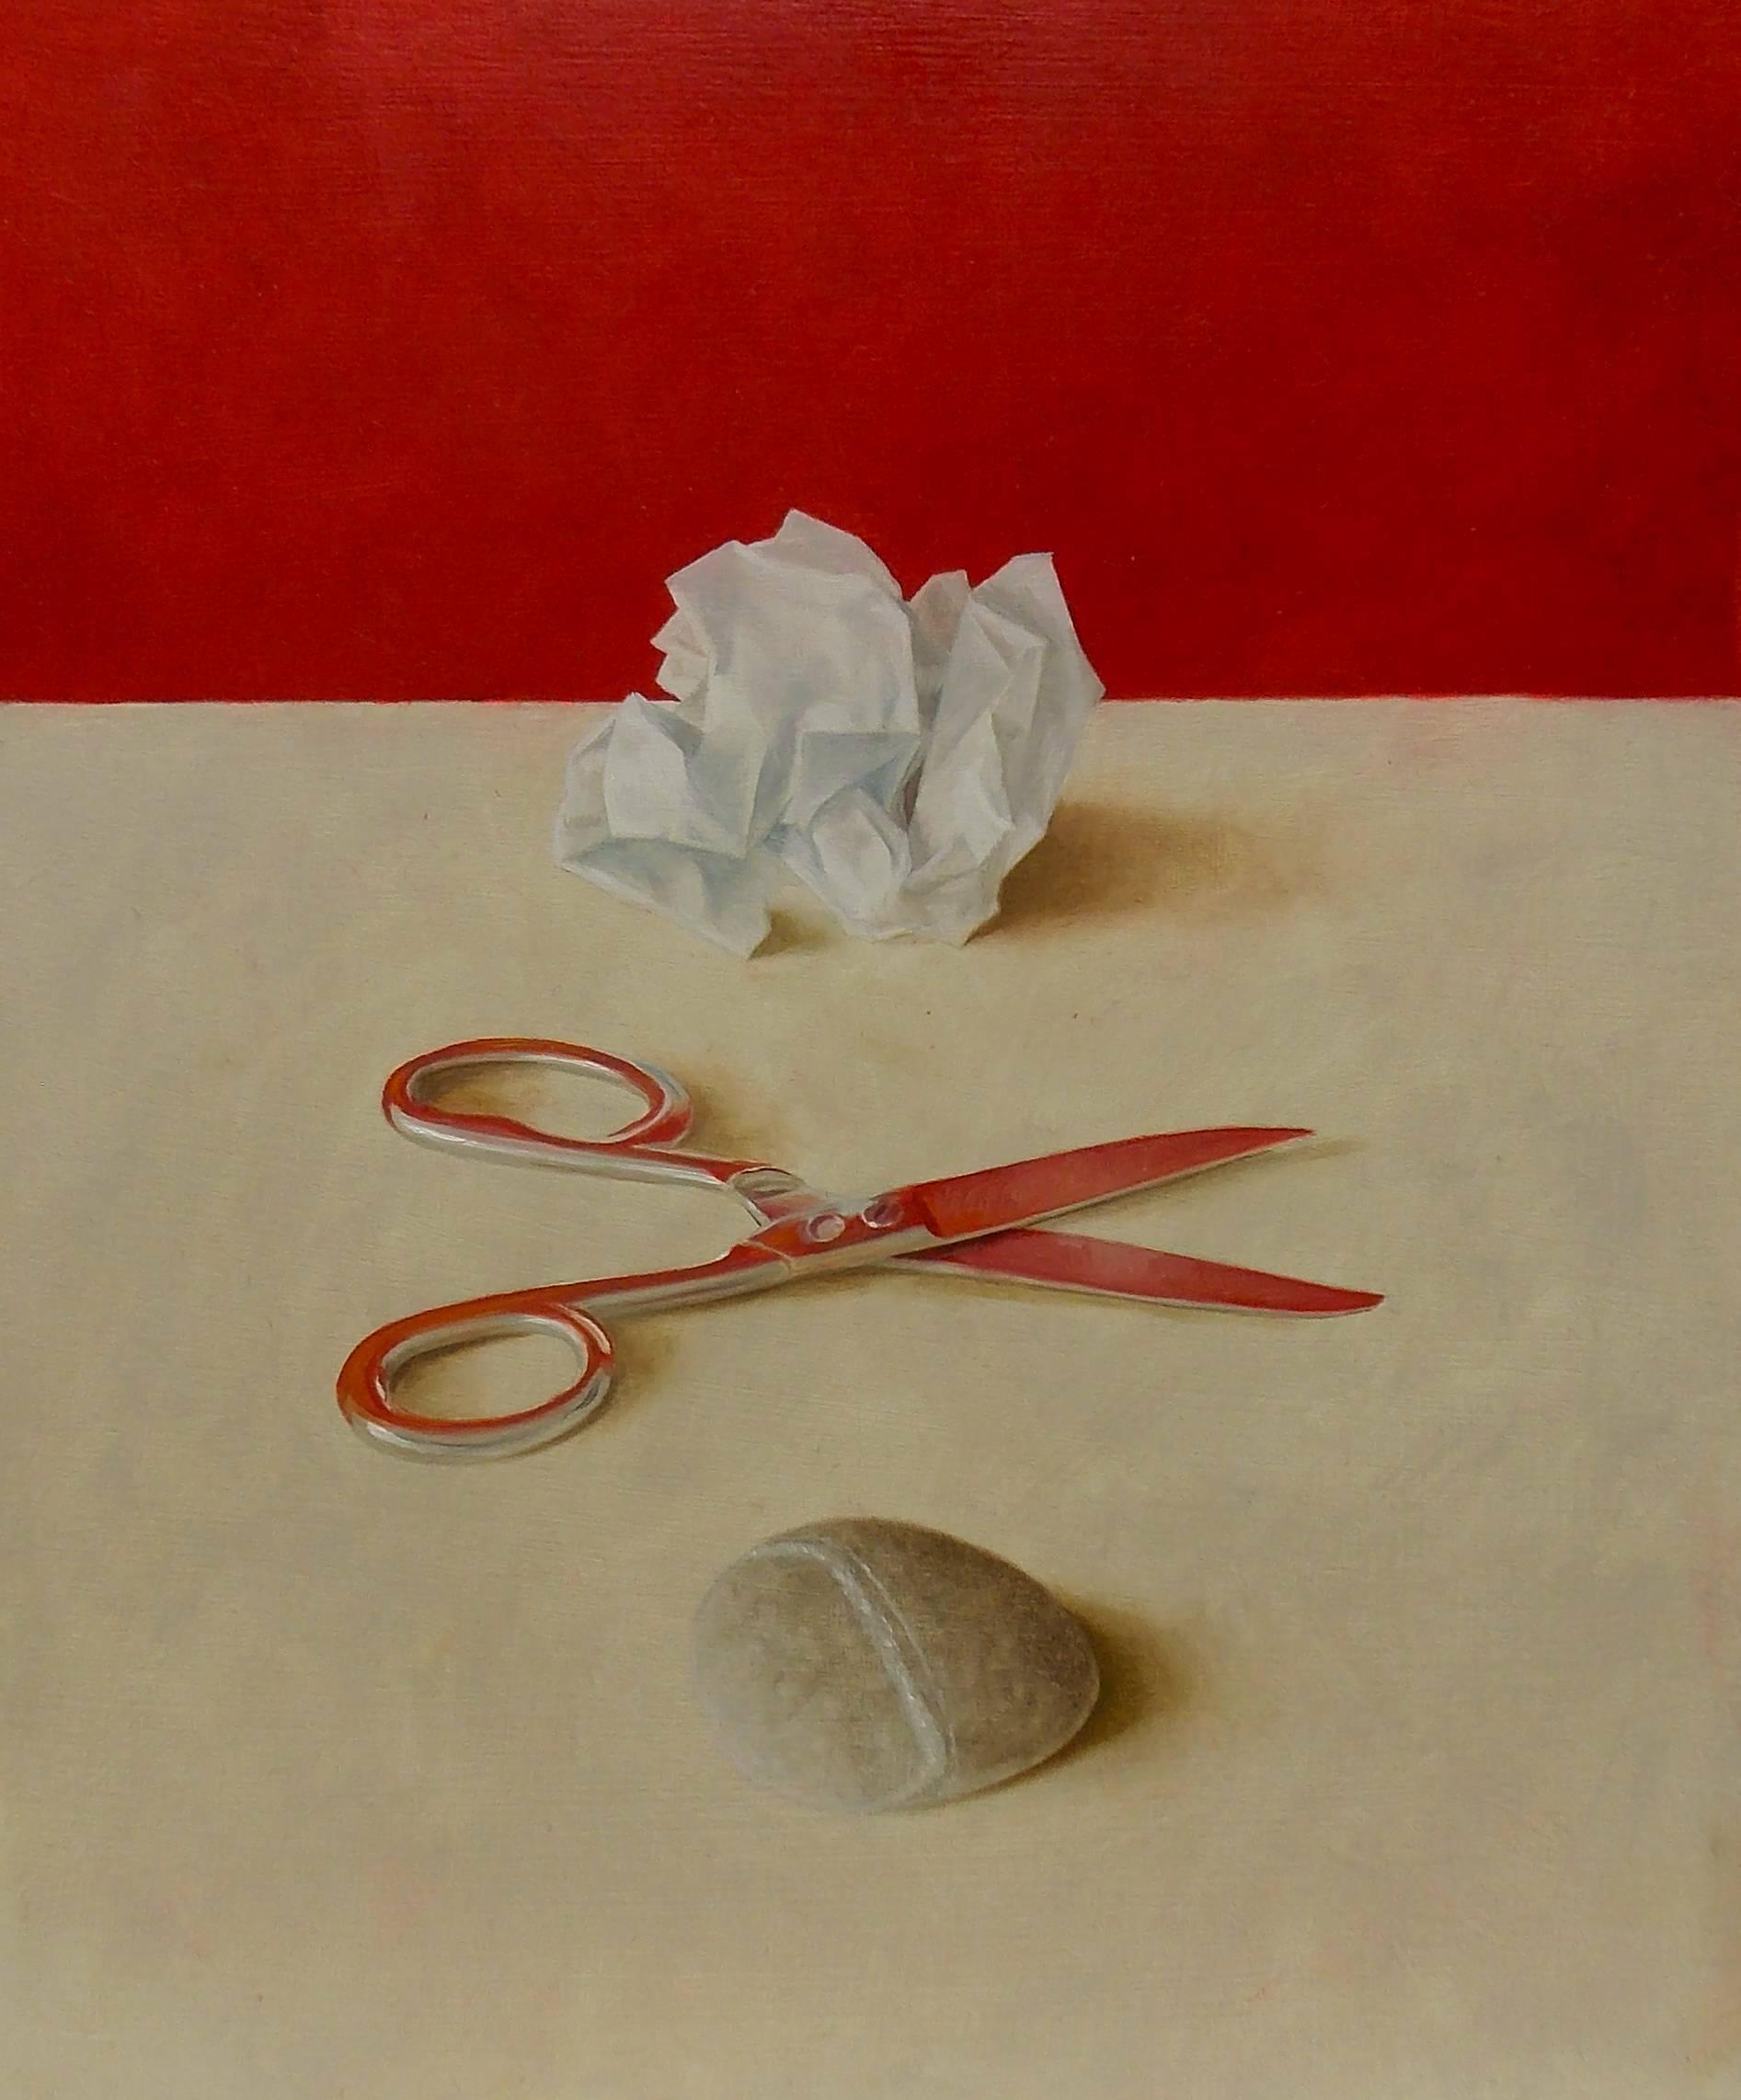 Rock, Paper, Scissors - SOLD